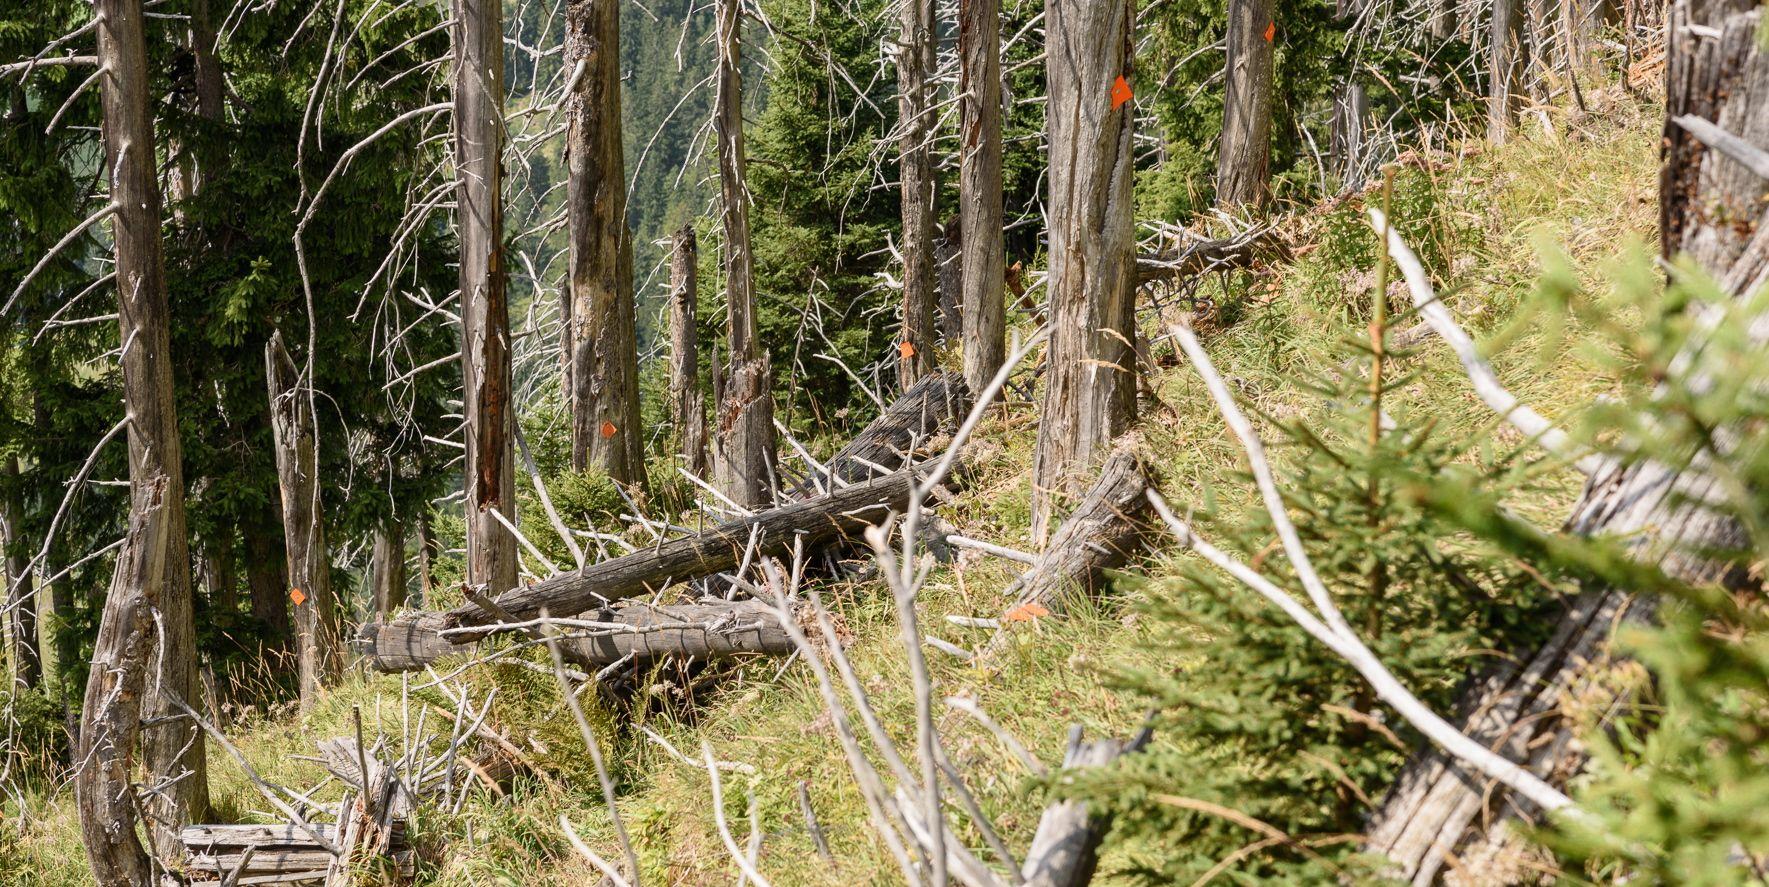 Grasfilz und Baumleichen statt Schutzwald